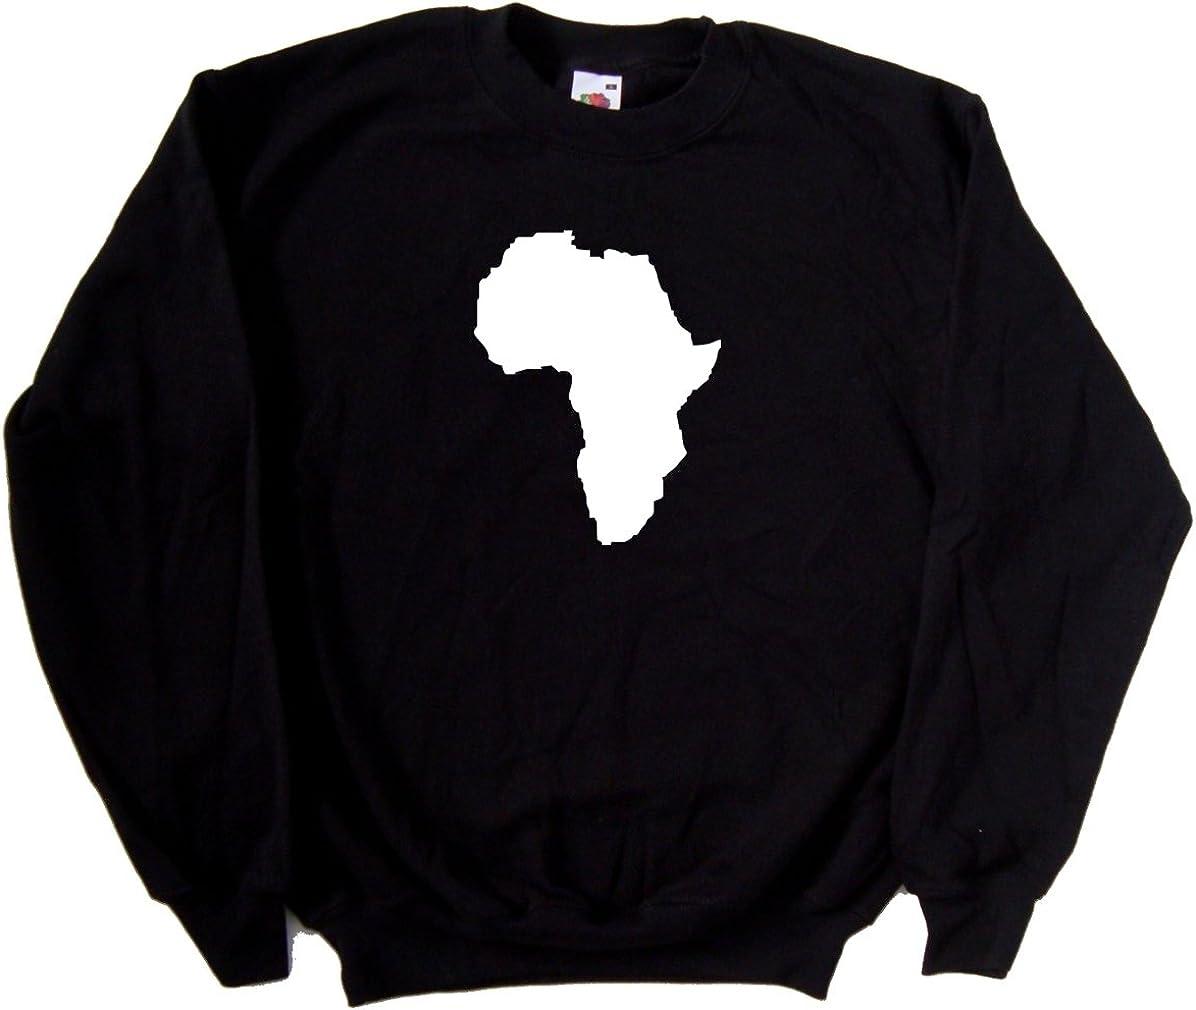 Africa Outline Kids Hoodie Sweatshirt